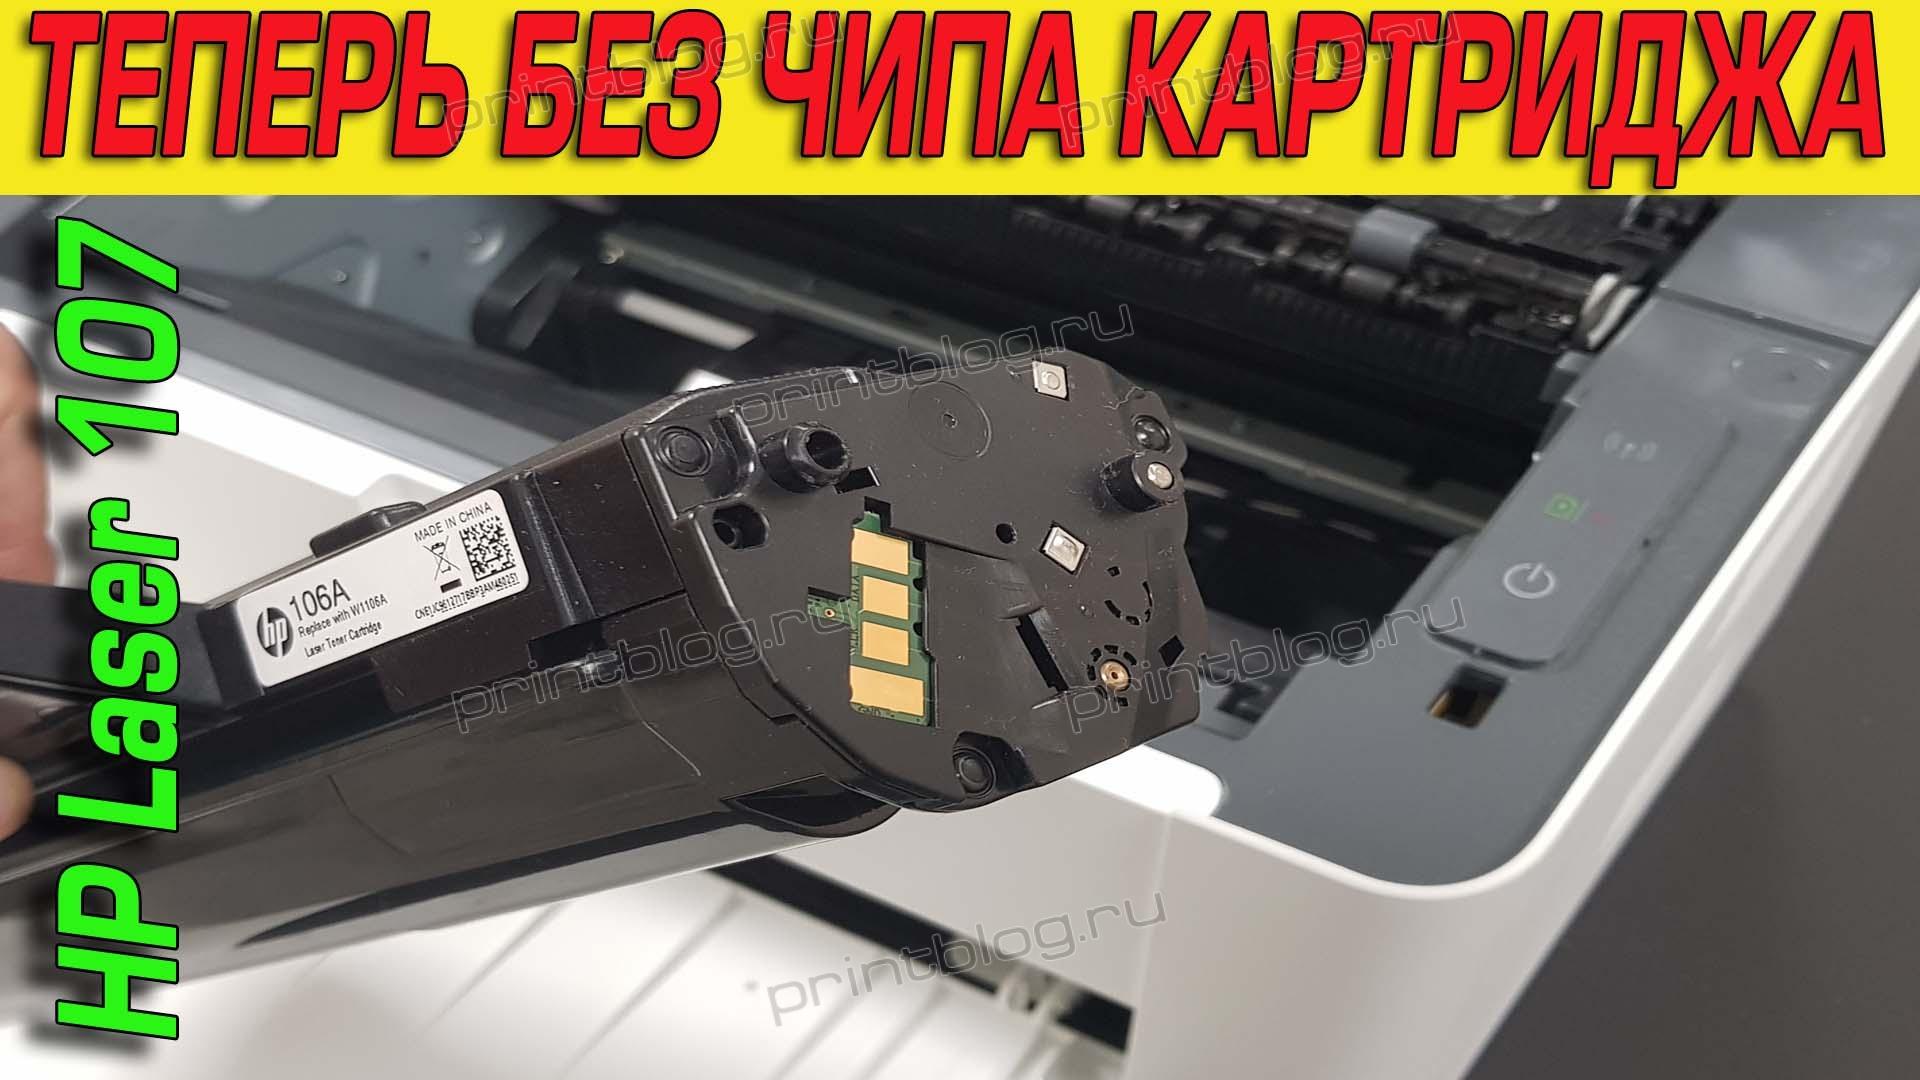 FIX Прошивка HP Laser 107w, a, r